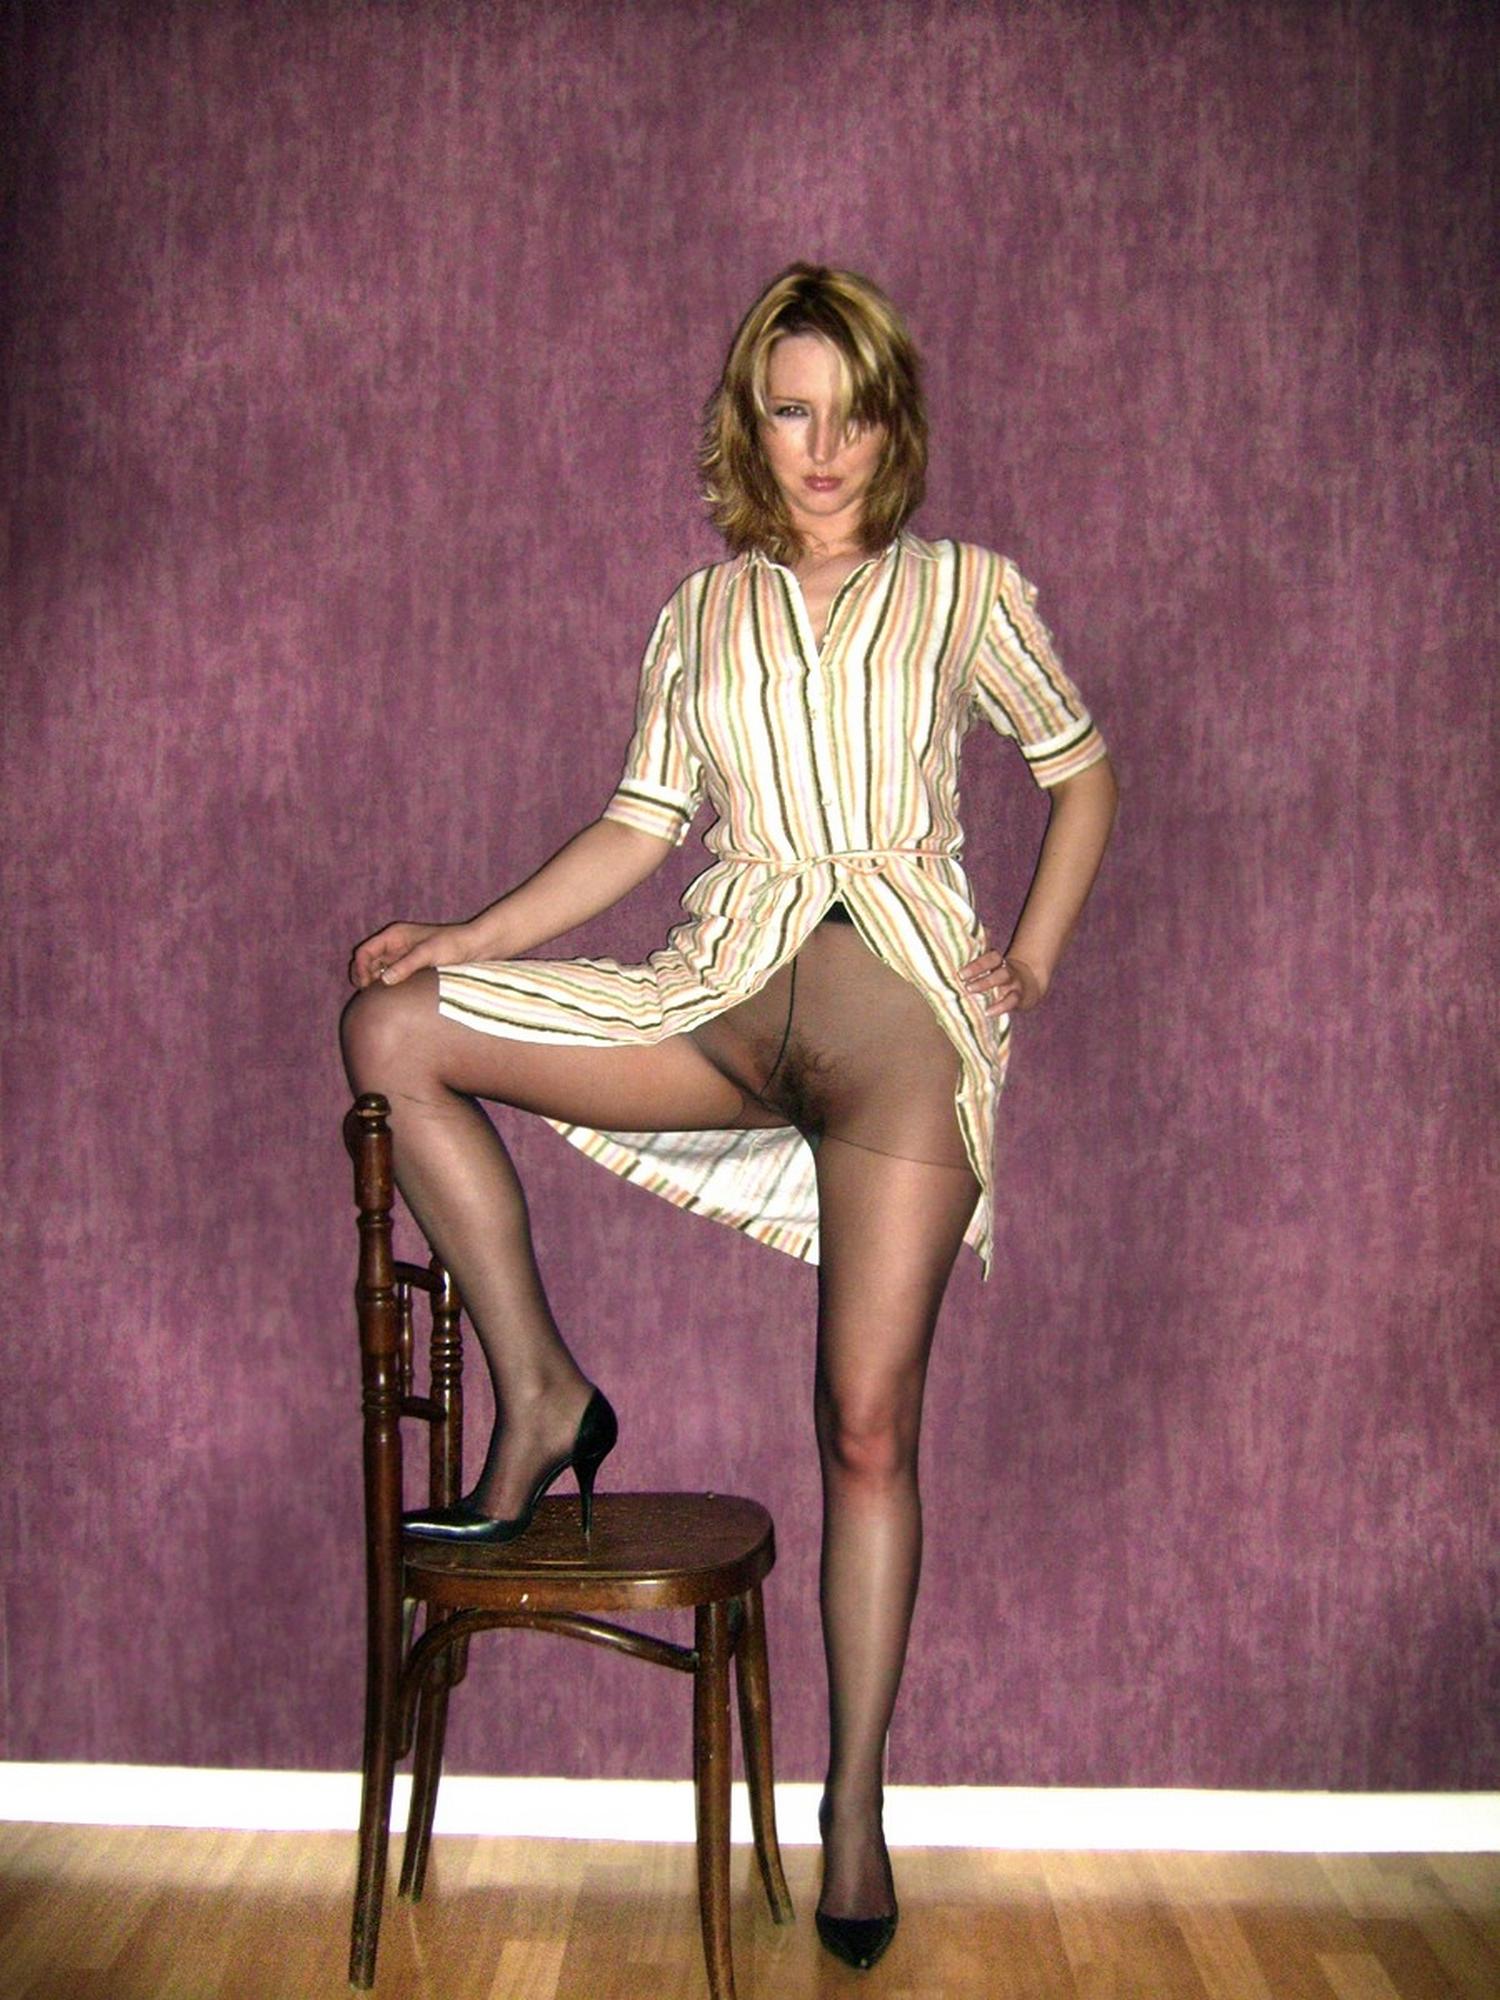 Игривая милфа лежит на полу в колготках надетых на голую пизду секс фото